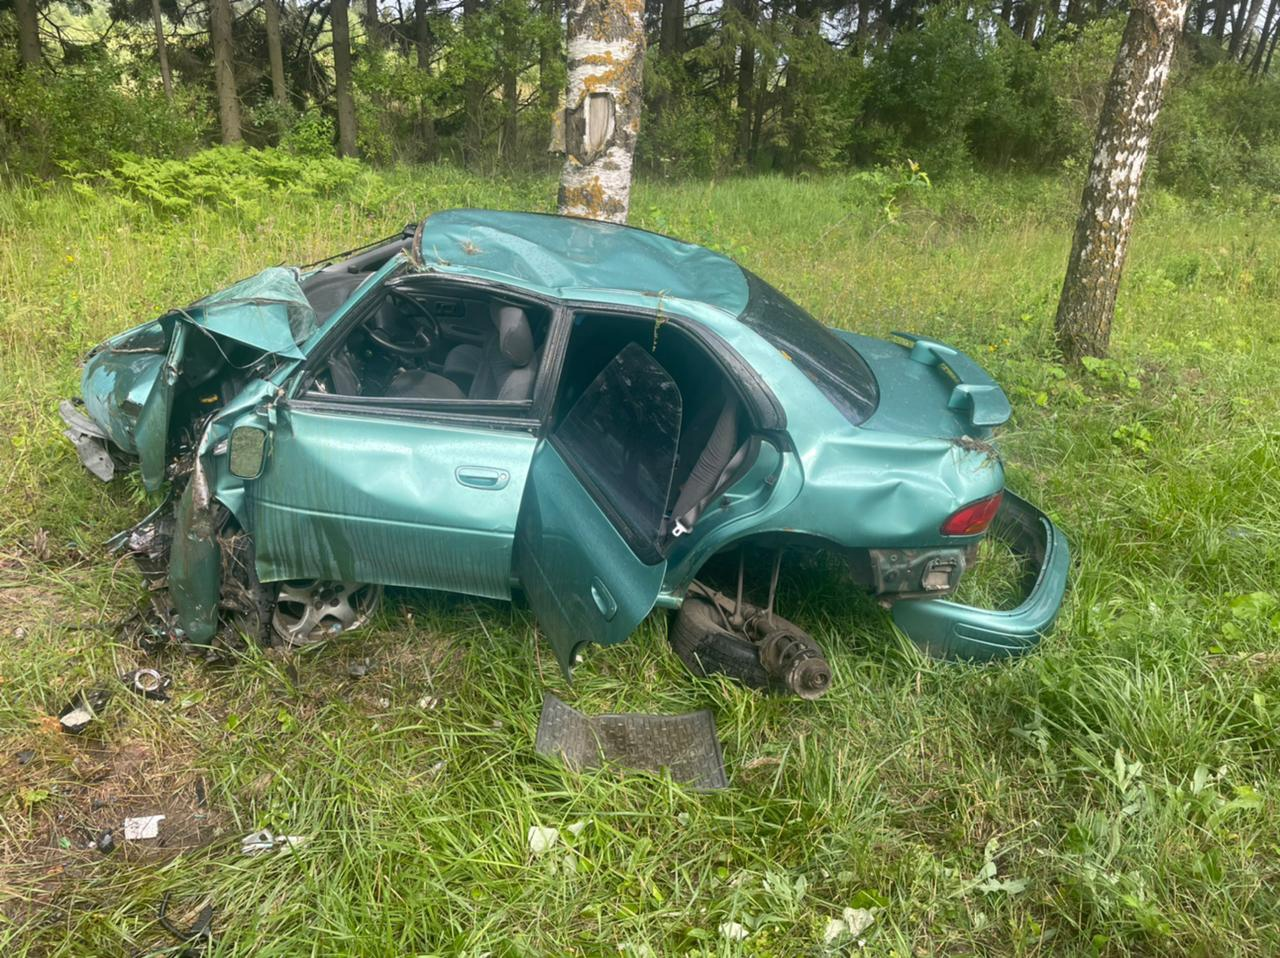 19-летняя девушка пострадала в аварии на трассе в Тверской области